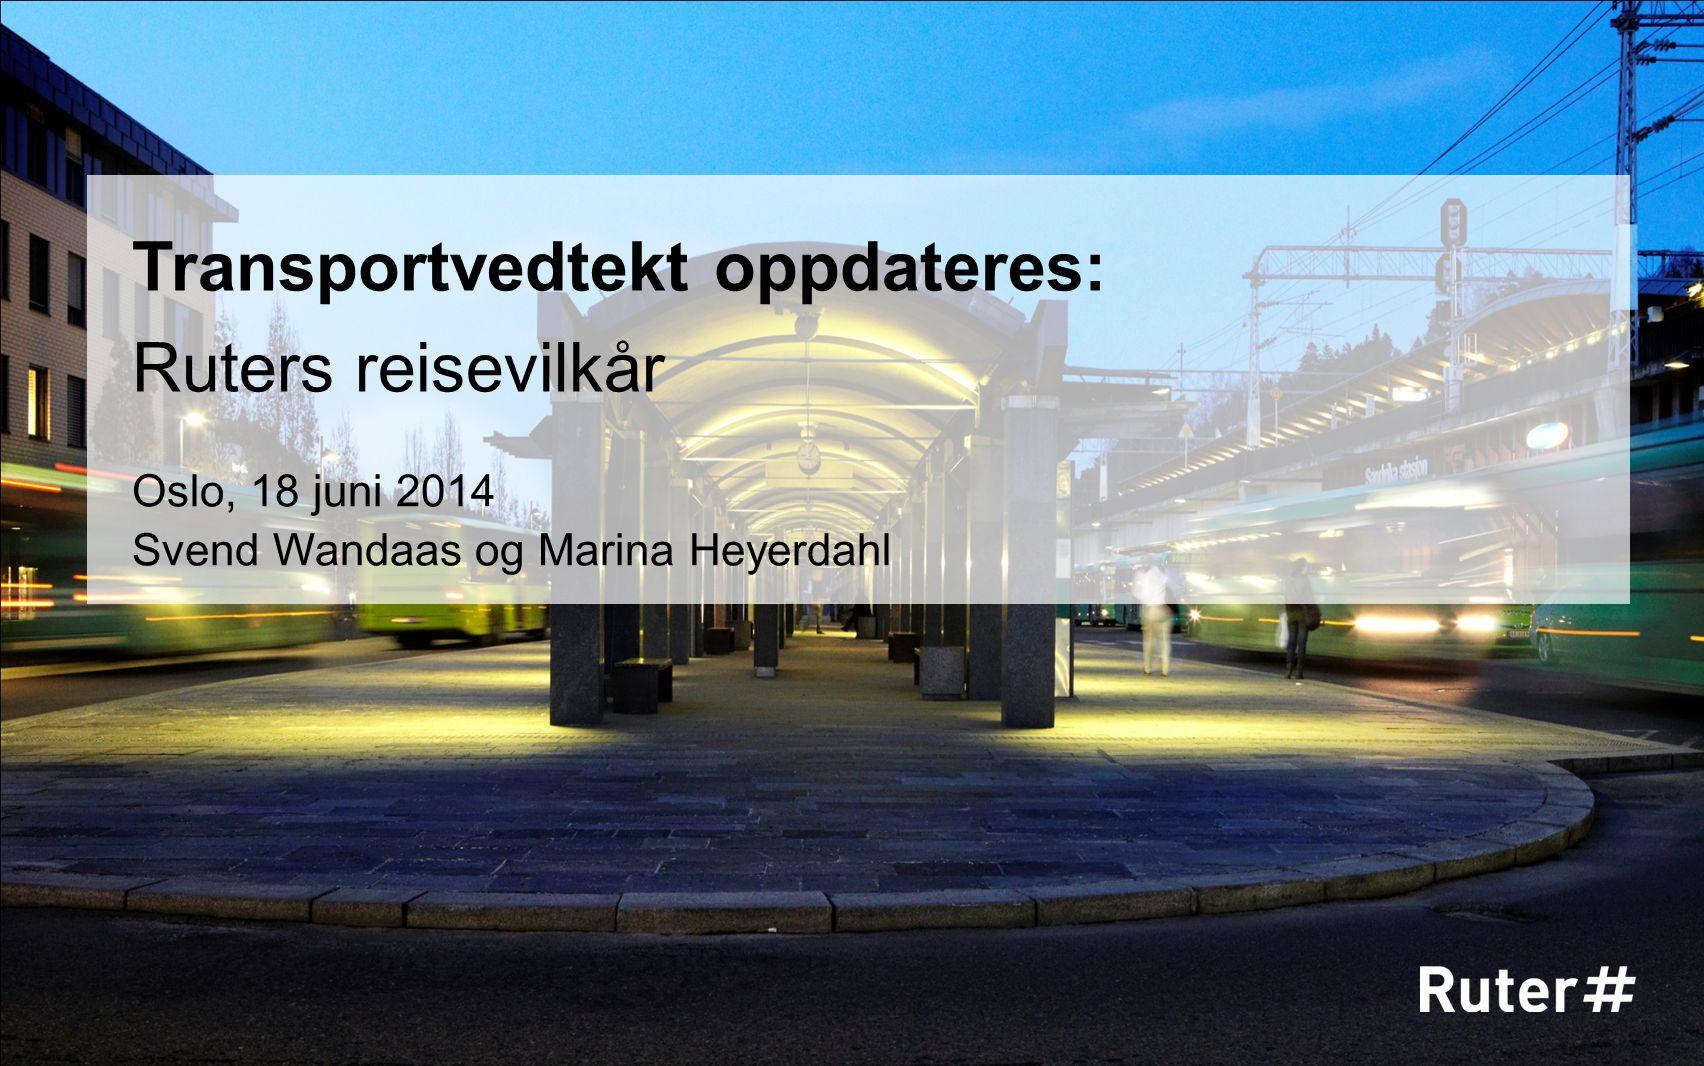 Transportvedtekt oppdateres: Ruters reisevilkår Oslo, 18 juni 2014 Svend Wandaas og Marina Heyerdahl